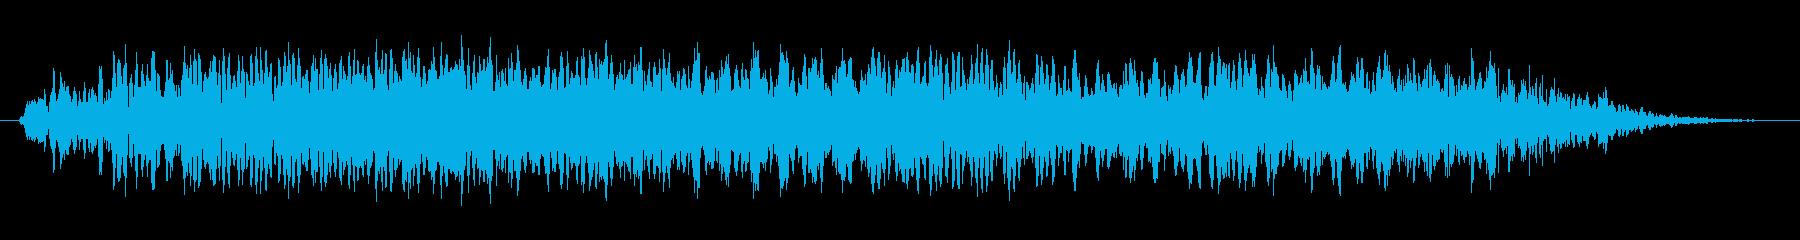 悪魔のうなり声3の再生済みの波形